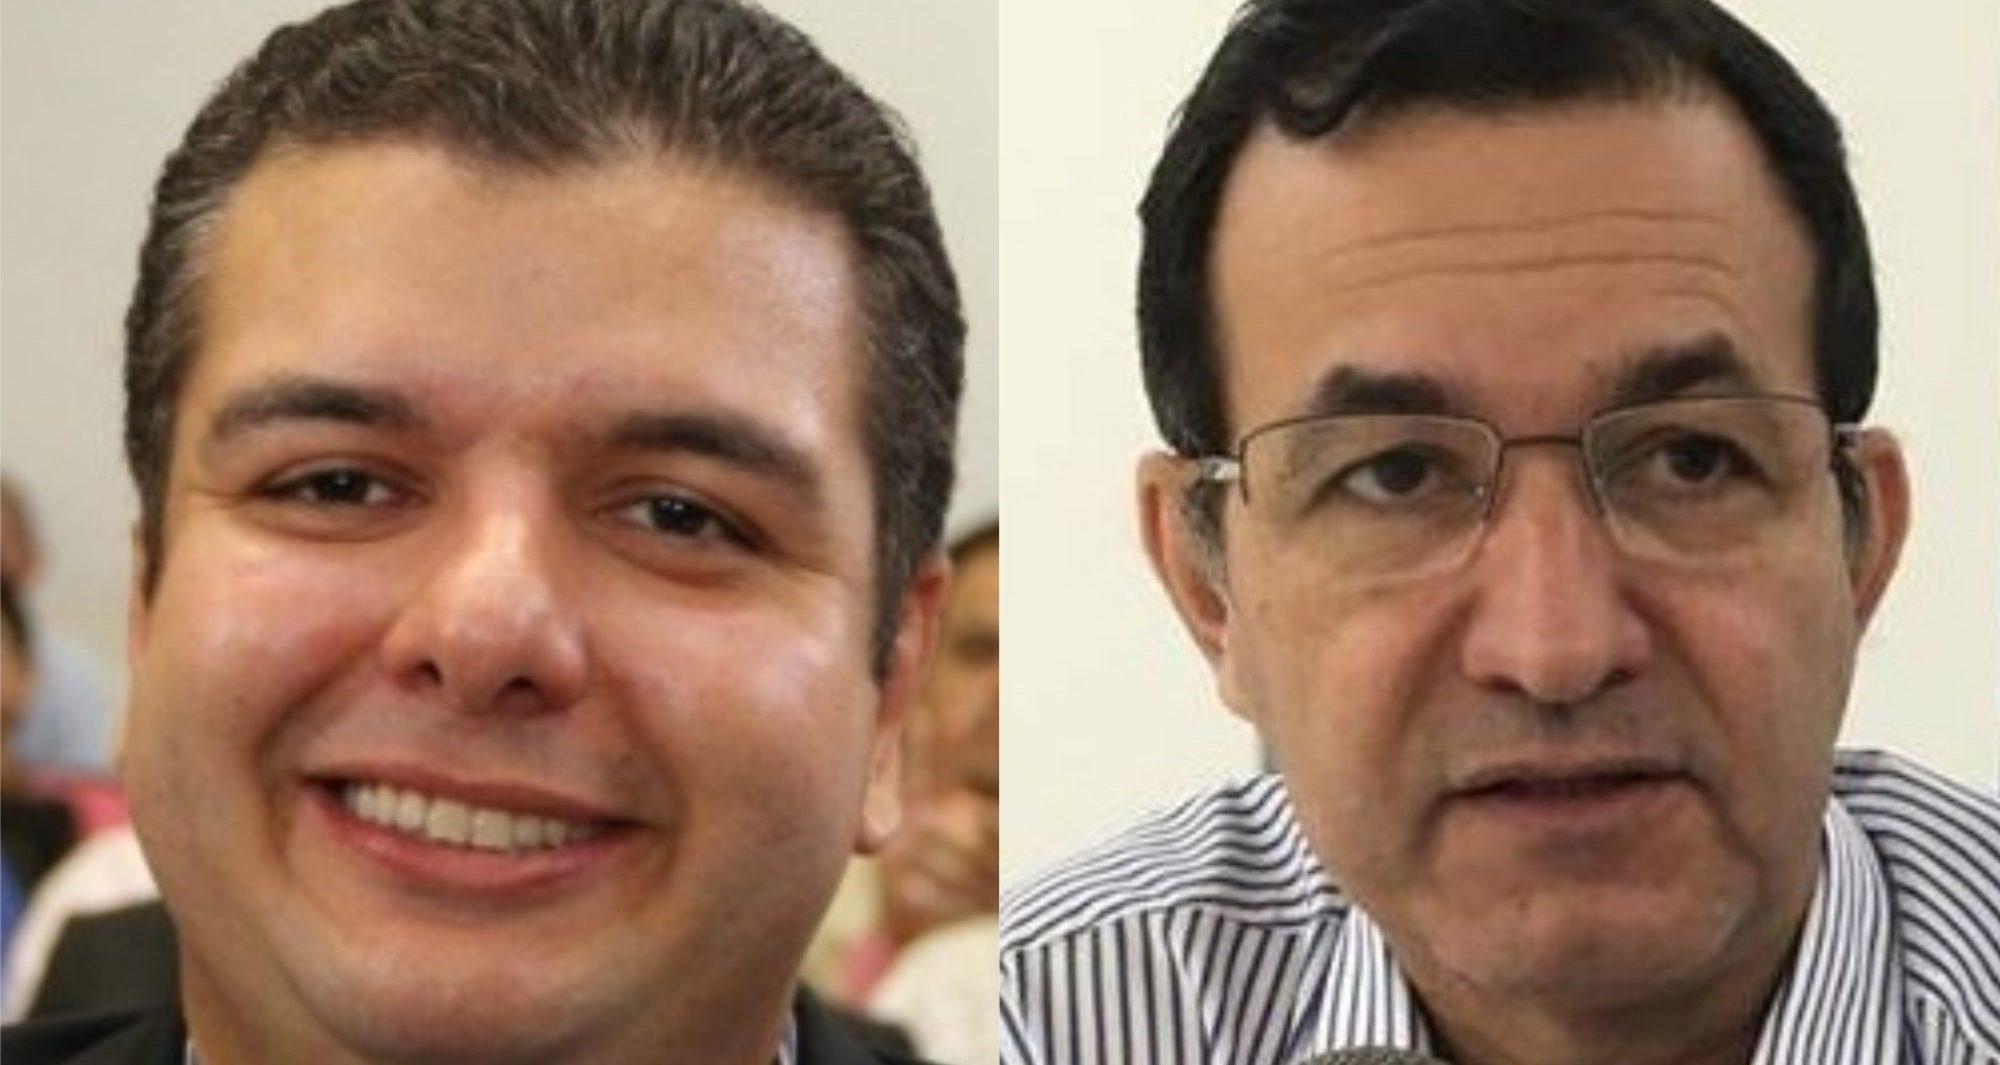 Bem que avisamos que a guerra era grande entre Diego Tavares e Adalberto Fulgêncio. Como se ouve no áudio, um dos dois gravou a reunião já que não existe uma 3ª pessoa. Quem foi?